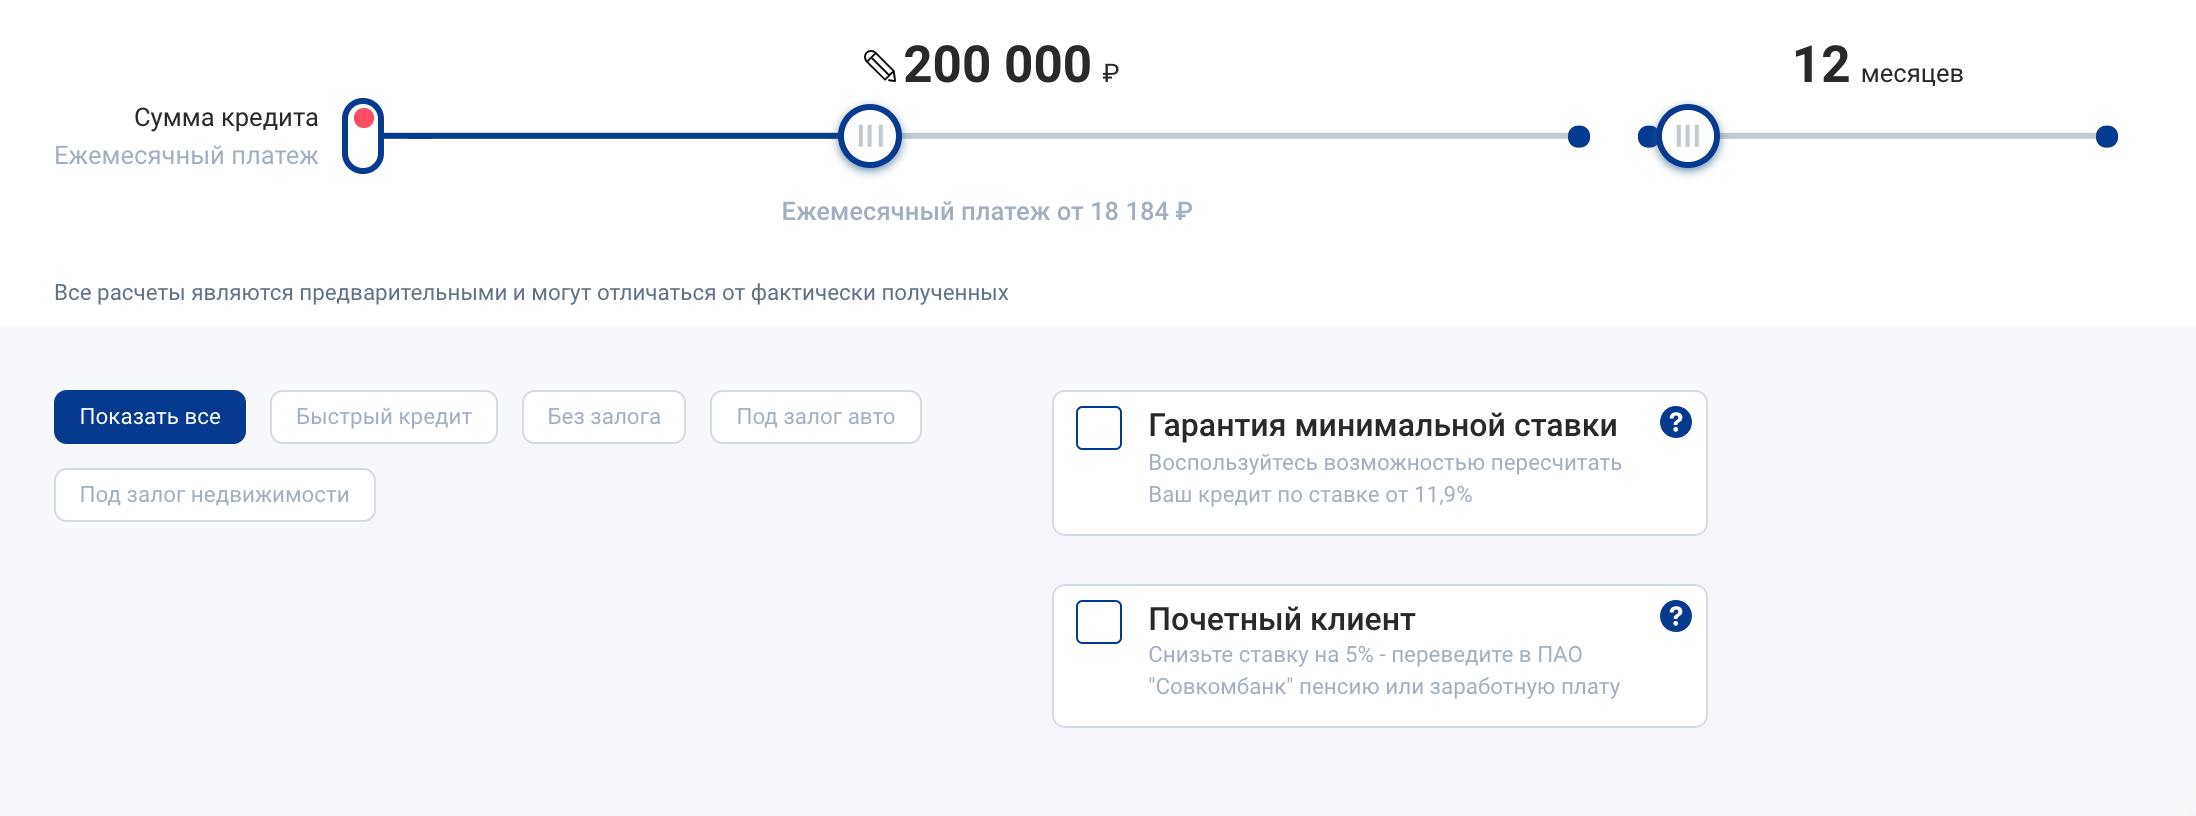 Кредит без обеспечения в Совкомбанке